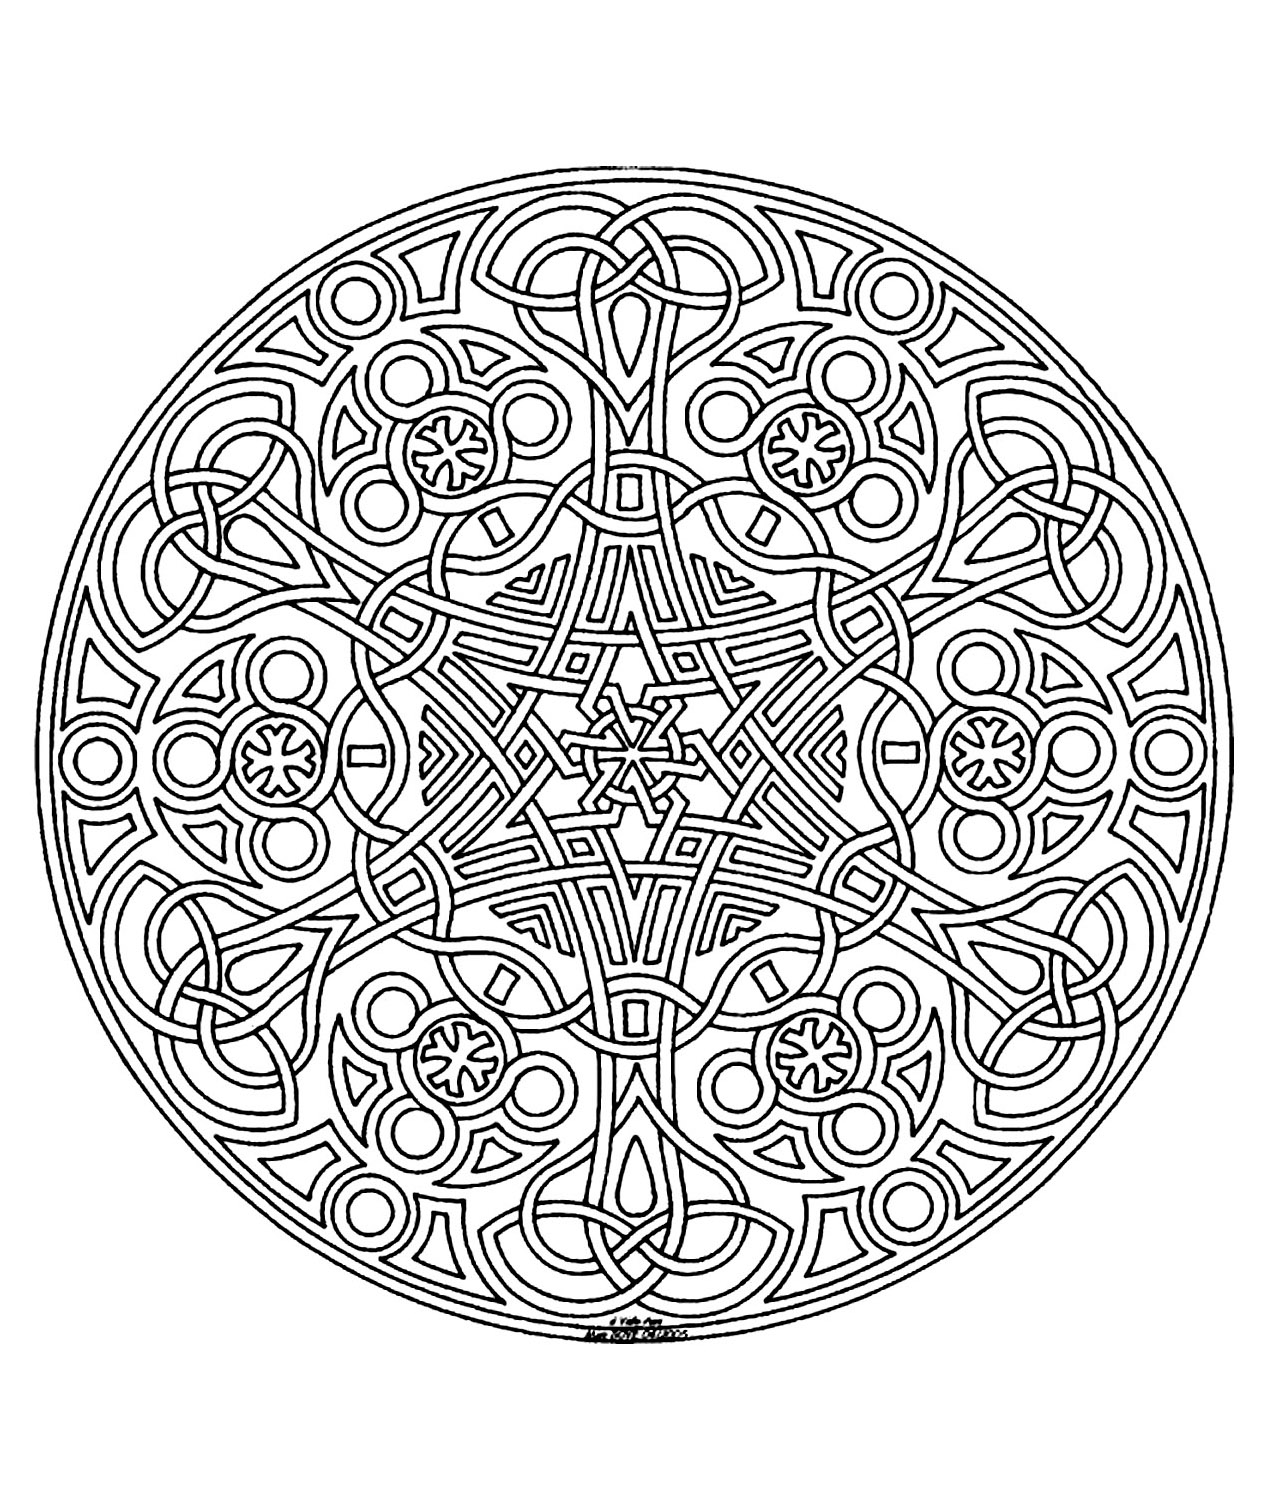 Disegni da colorare per adulti : Mandalas - 43